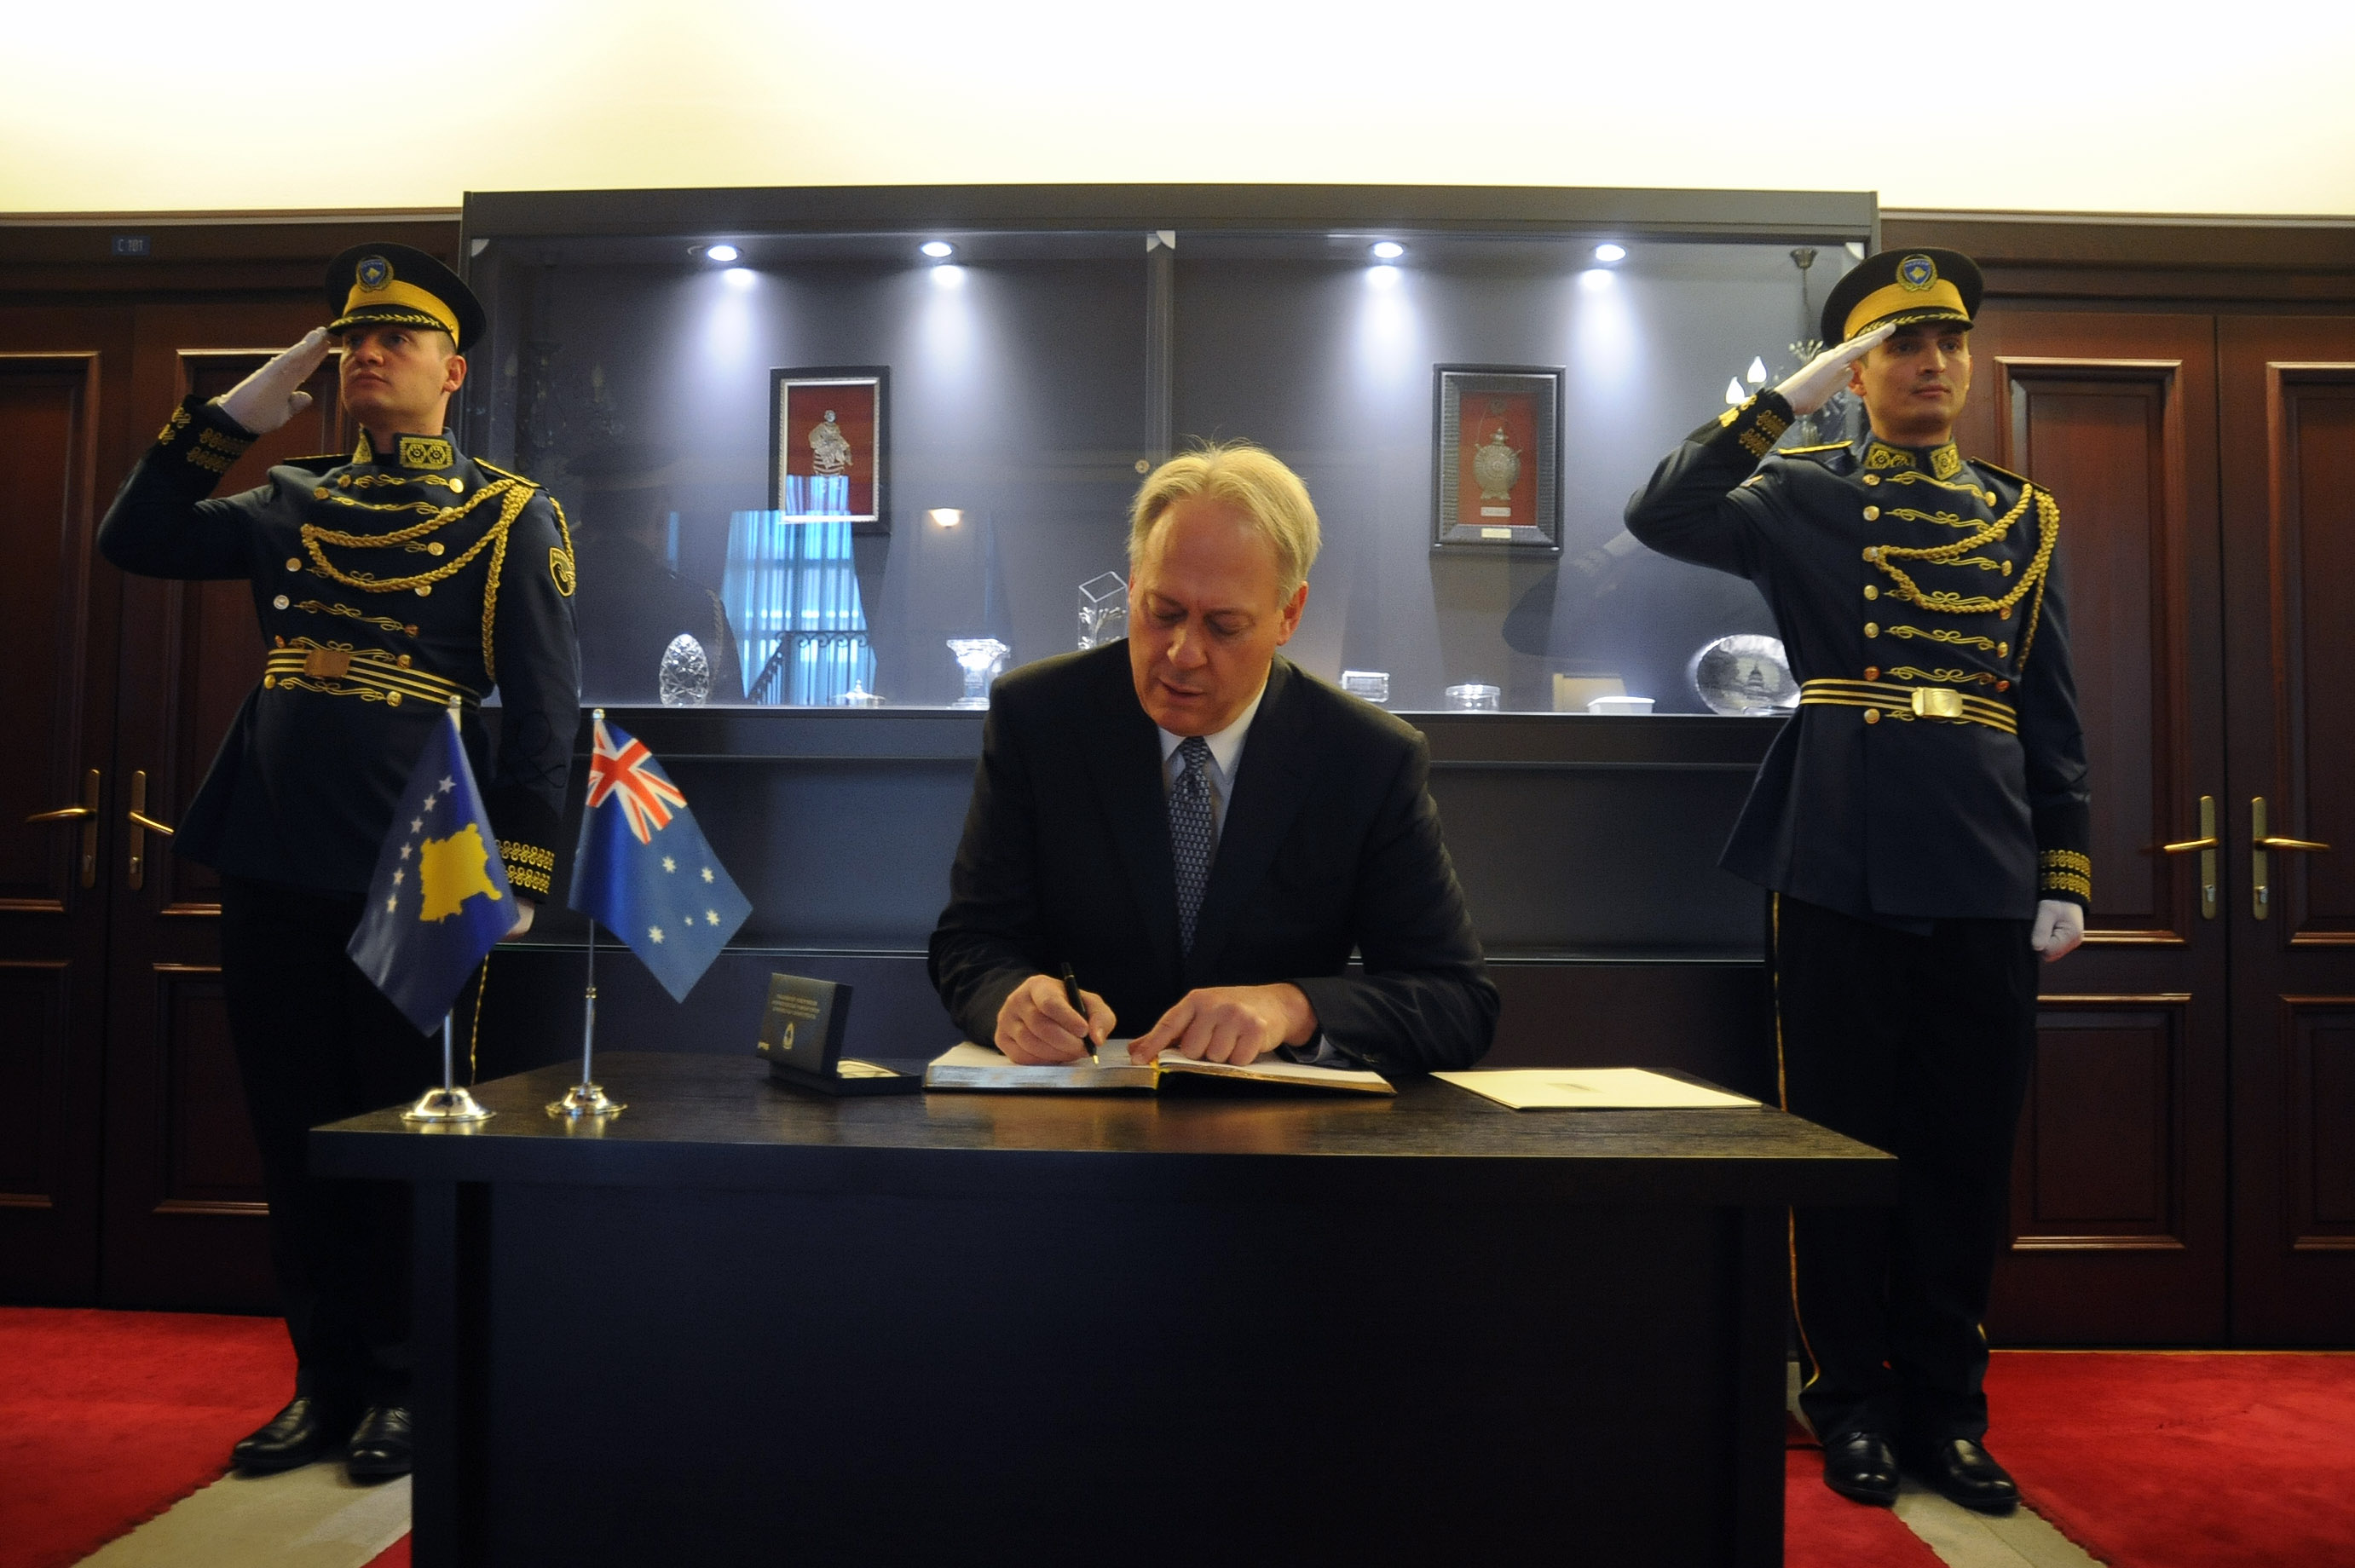 Presidenti Thaçi pranoi letrat kredenciale të ambasadorit të ri të Australisë